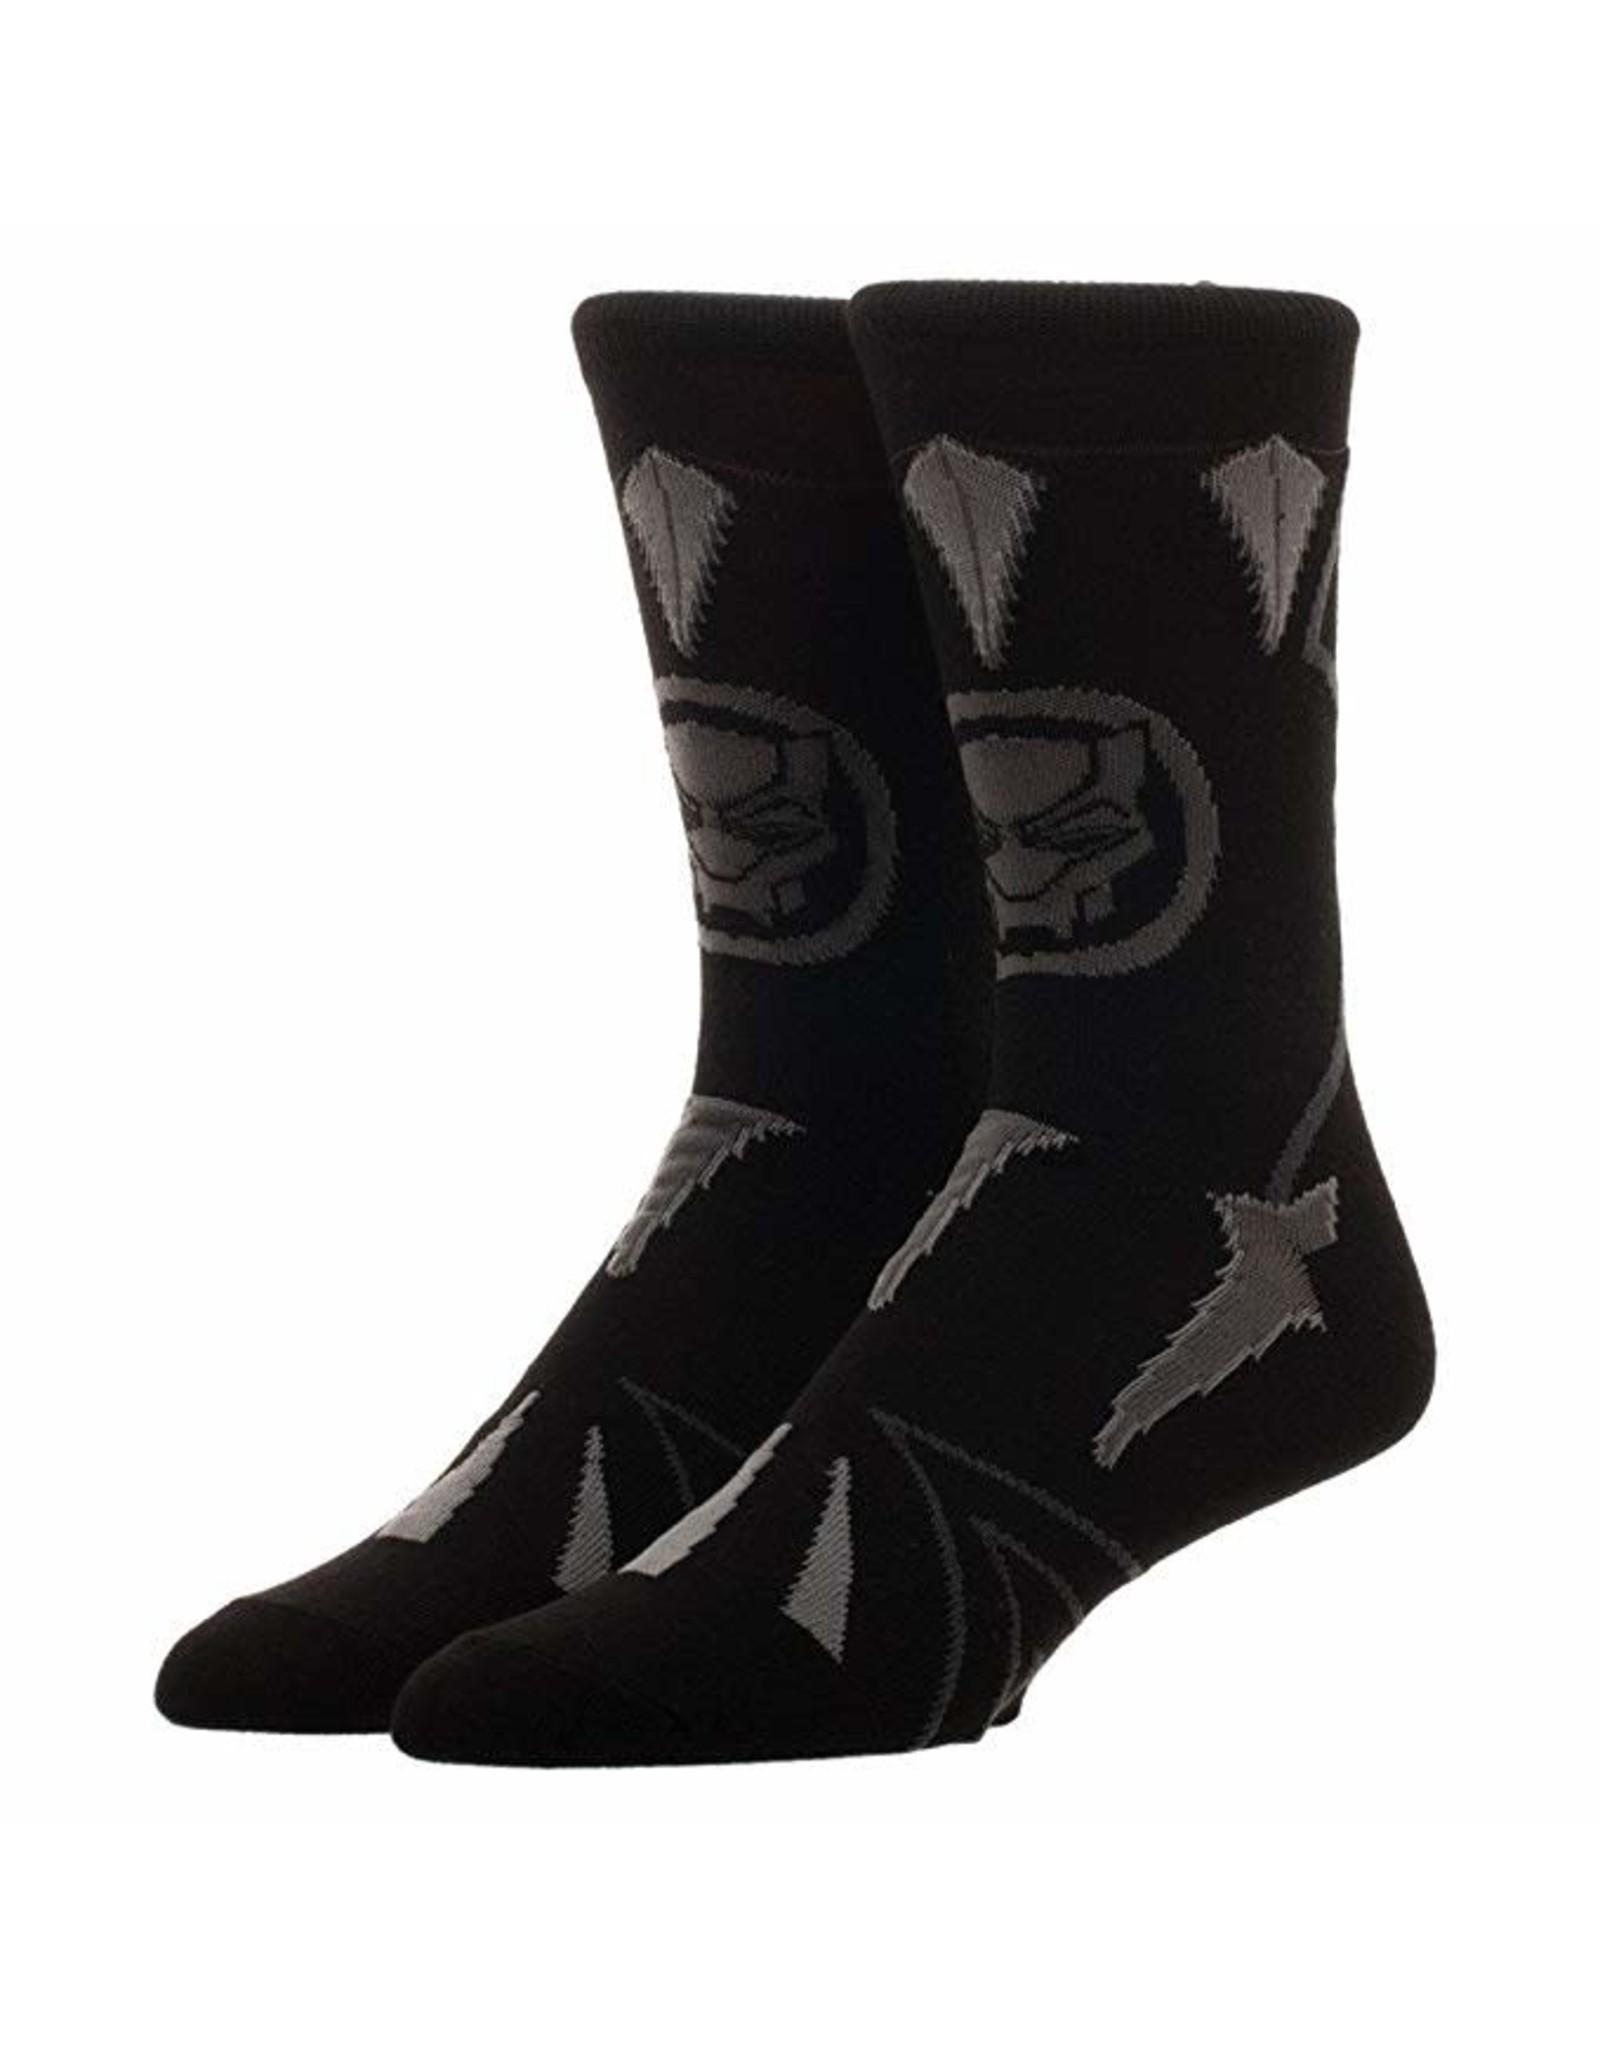 Socks (Mens)  - Marvel Black Panther